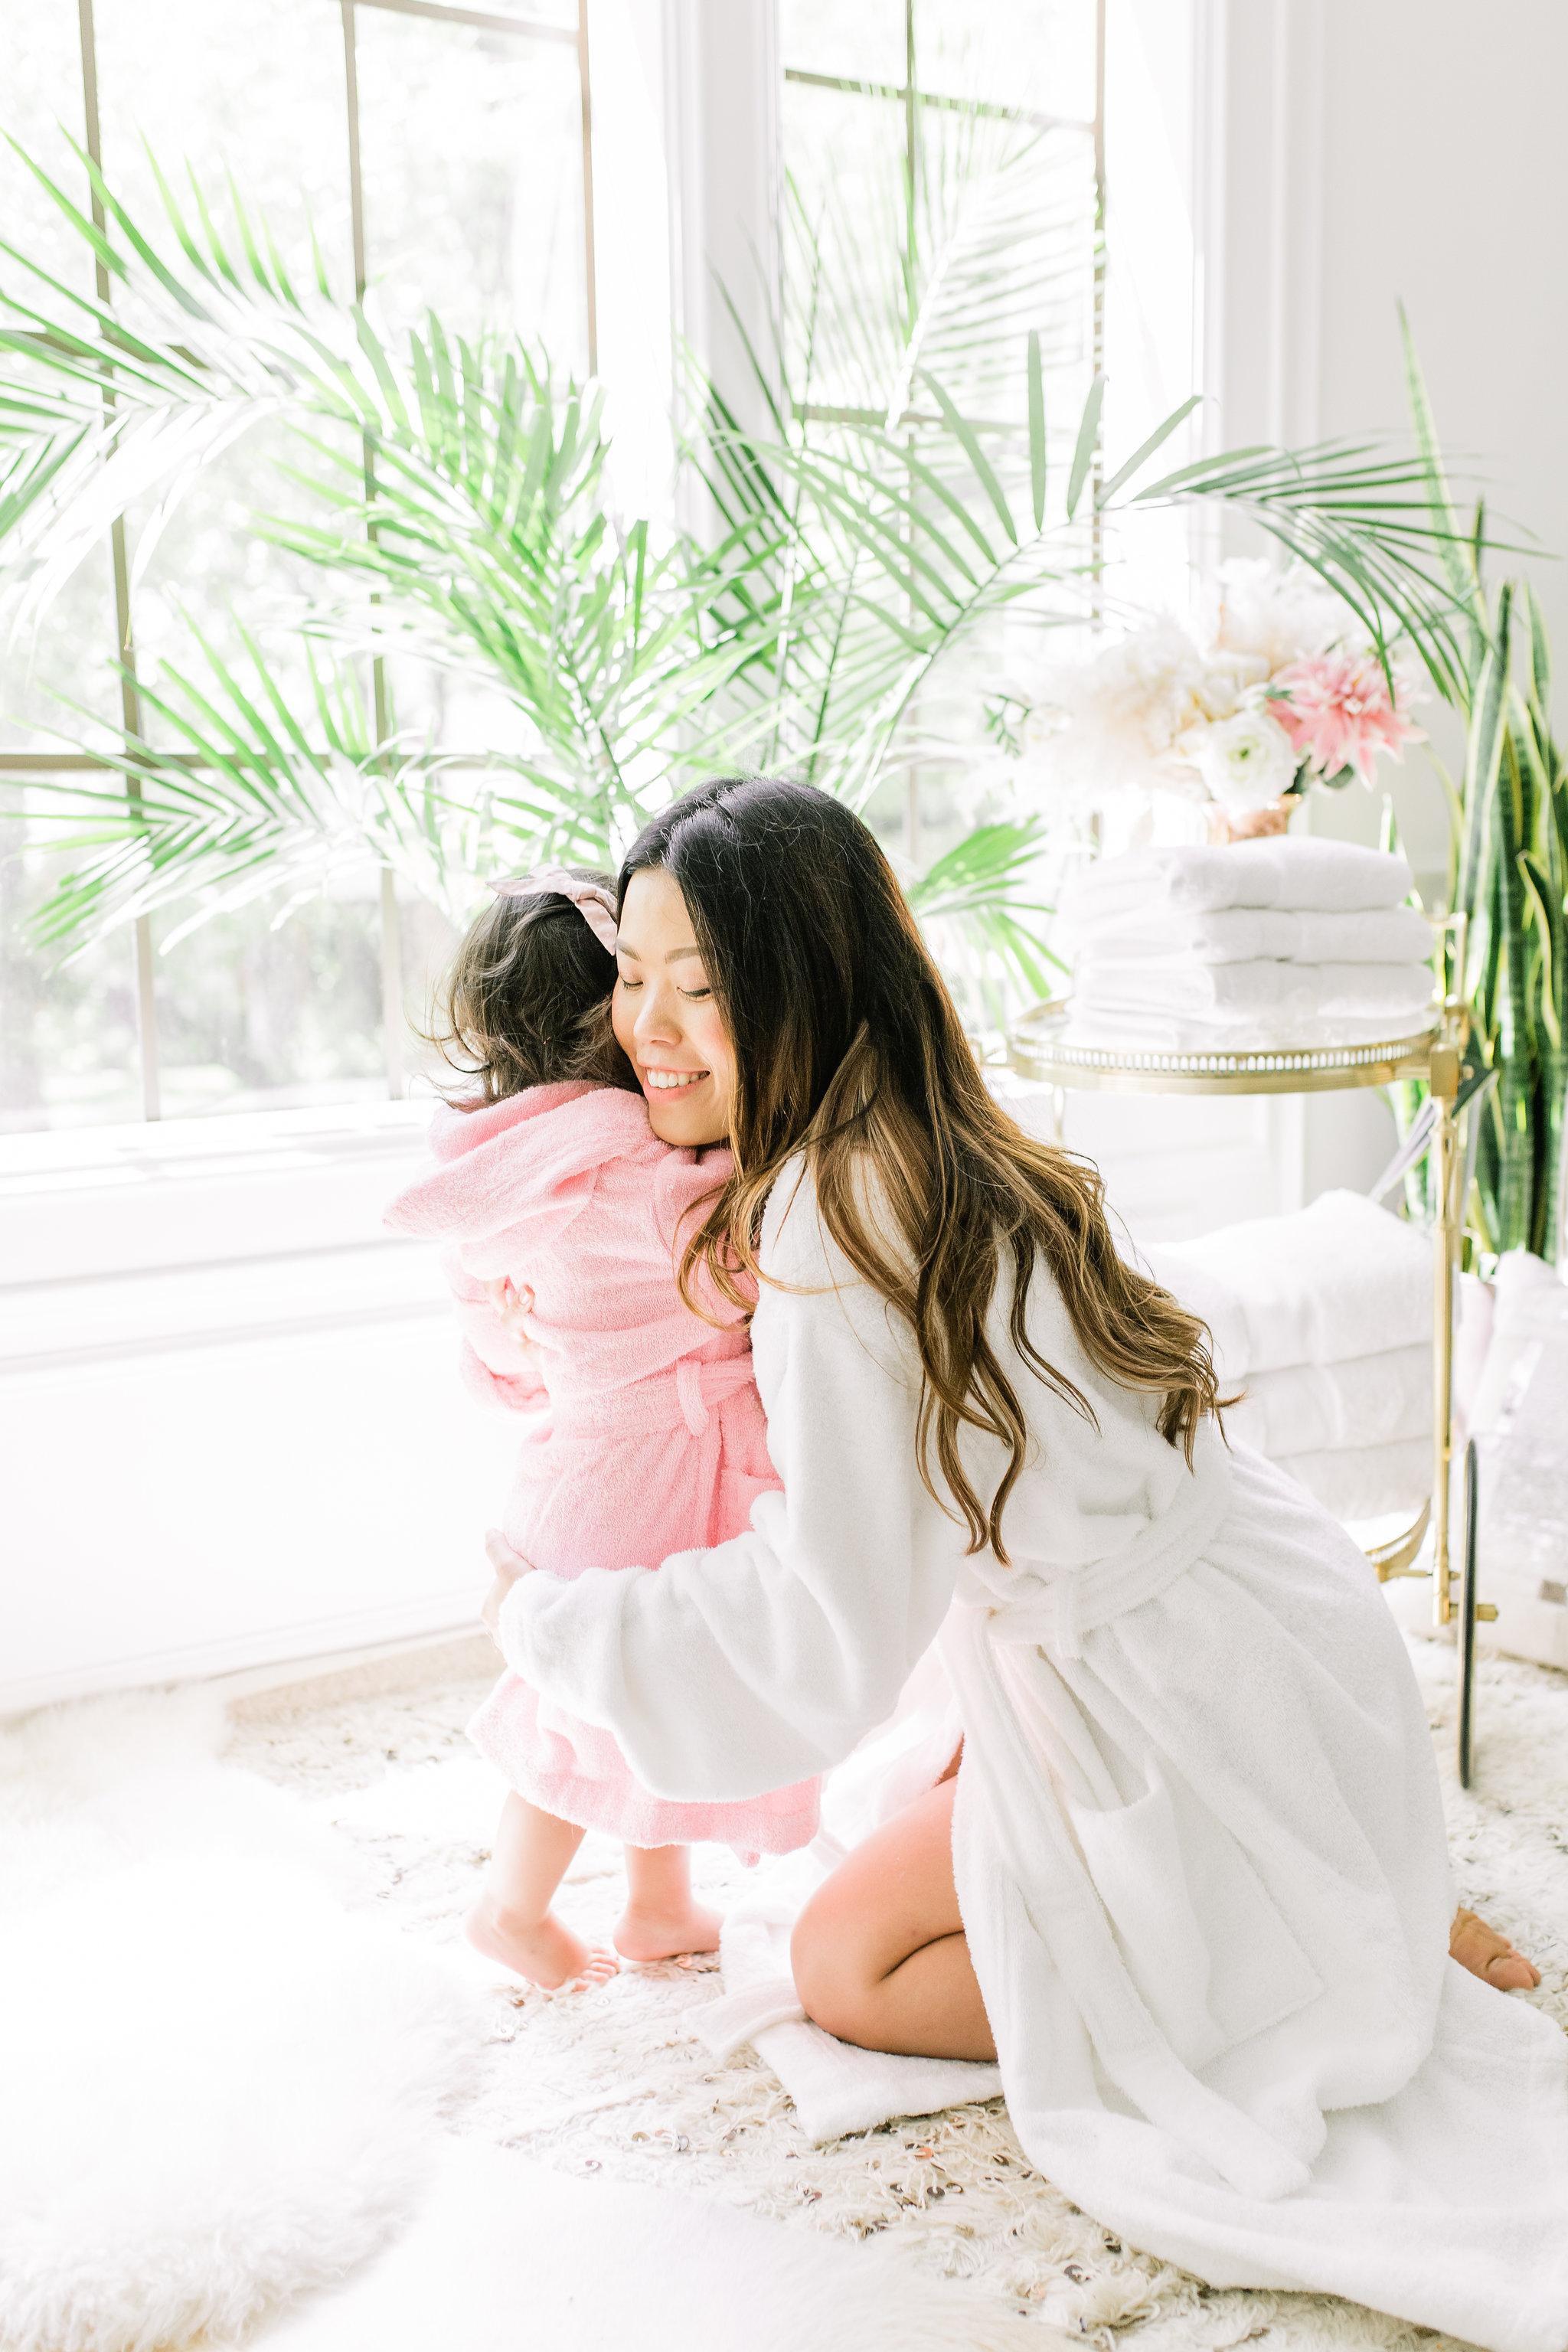 Joyfullygreen The Company Store Unisex White Fluffy Robe Monogramed Mother's Day Gift Idea..jpg